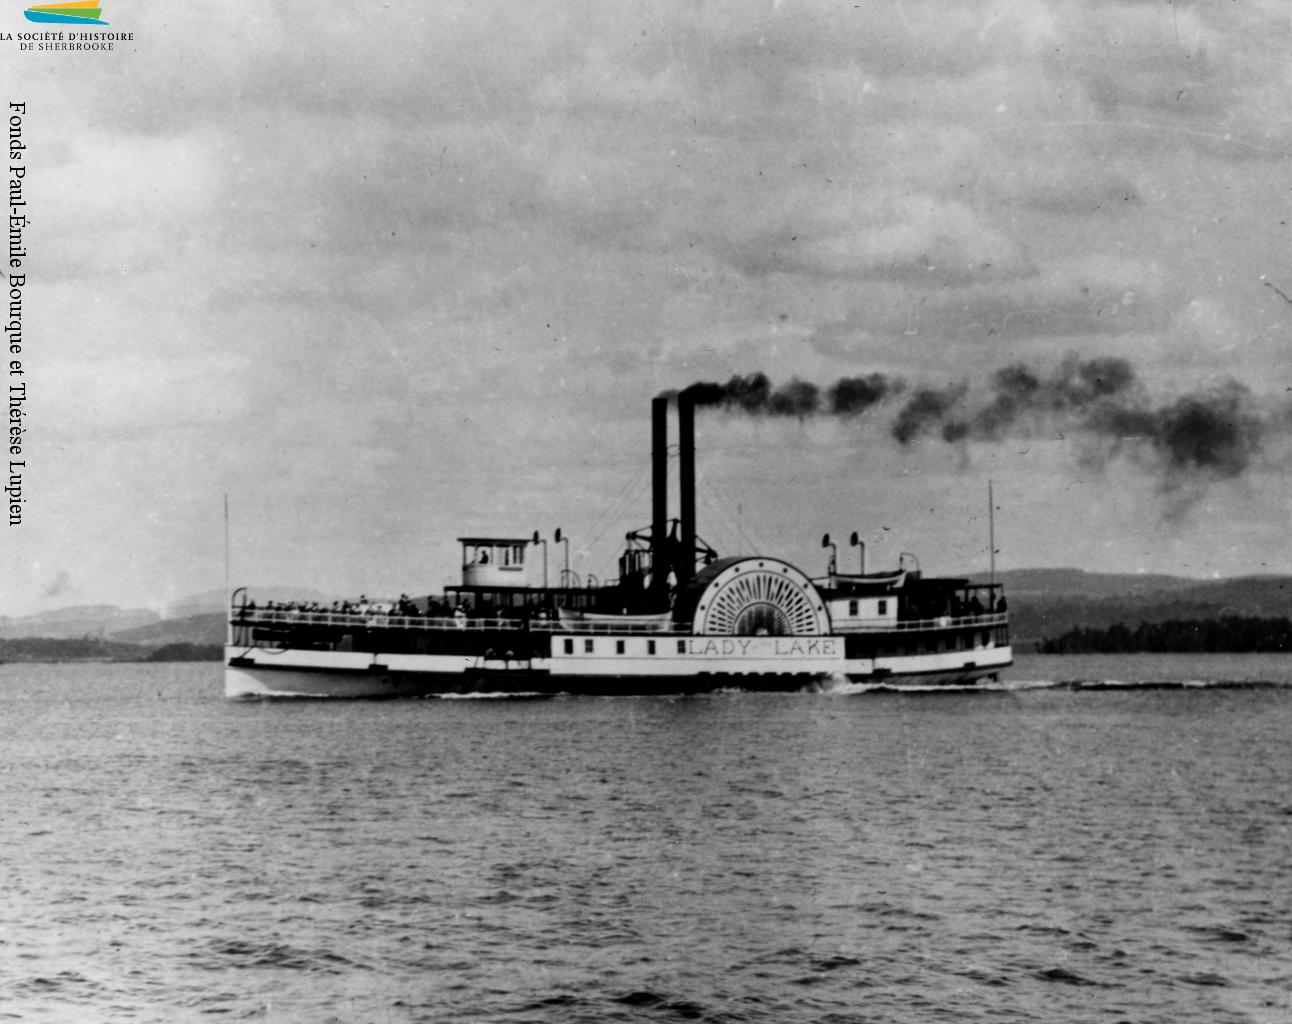 Le bateau à vapeur Lady of the Lake sillonne les eaux du lac Memphrémagog de 1867 à 1917, surtout pour les touristes qui souhaitent y faire de courtes croisières. On le voit ici vers 1895.